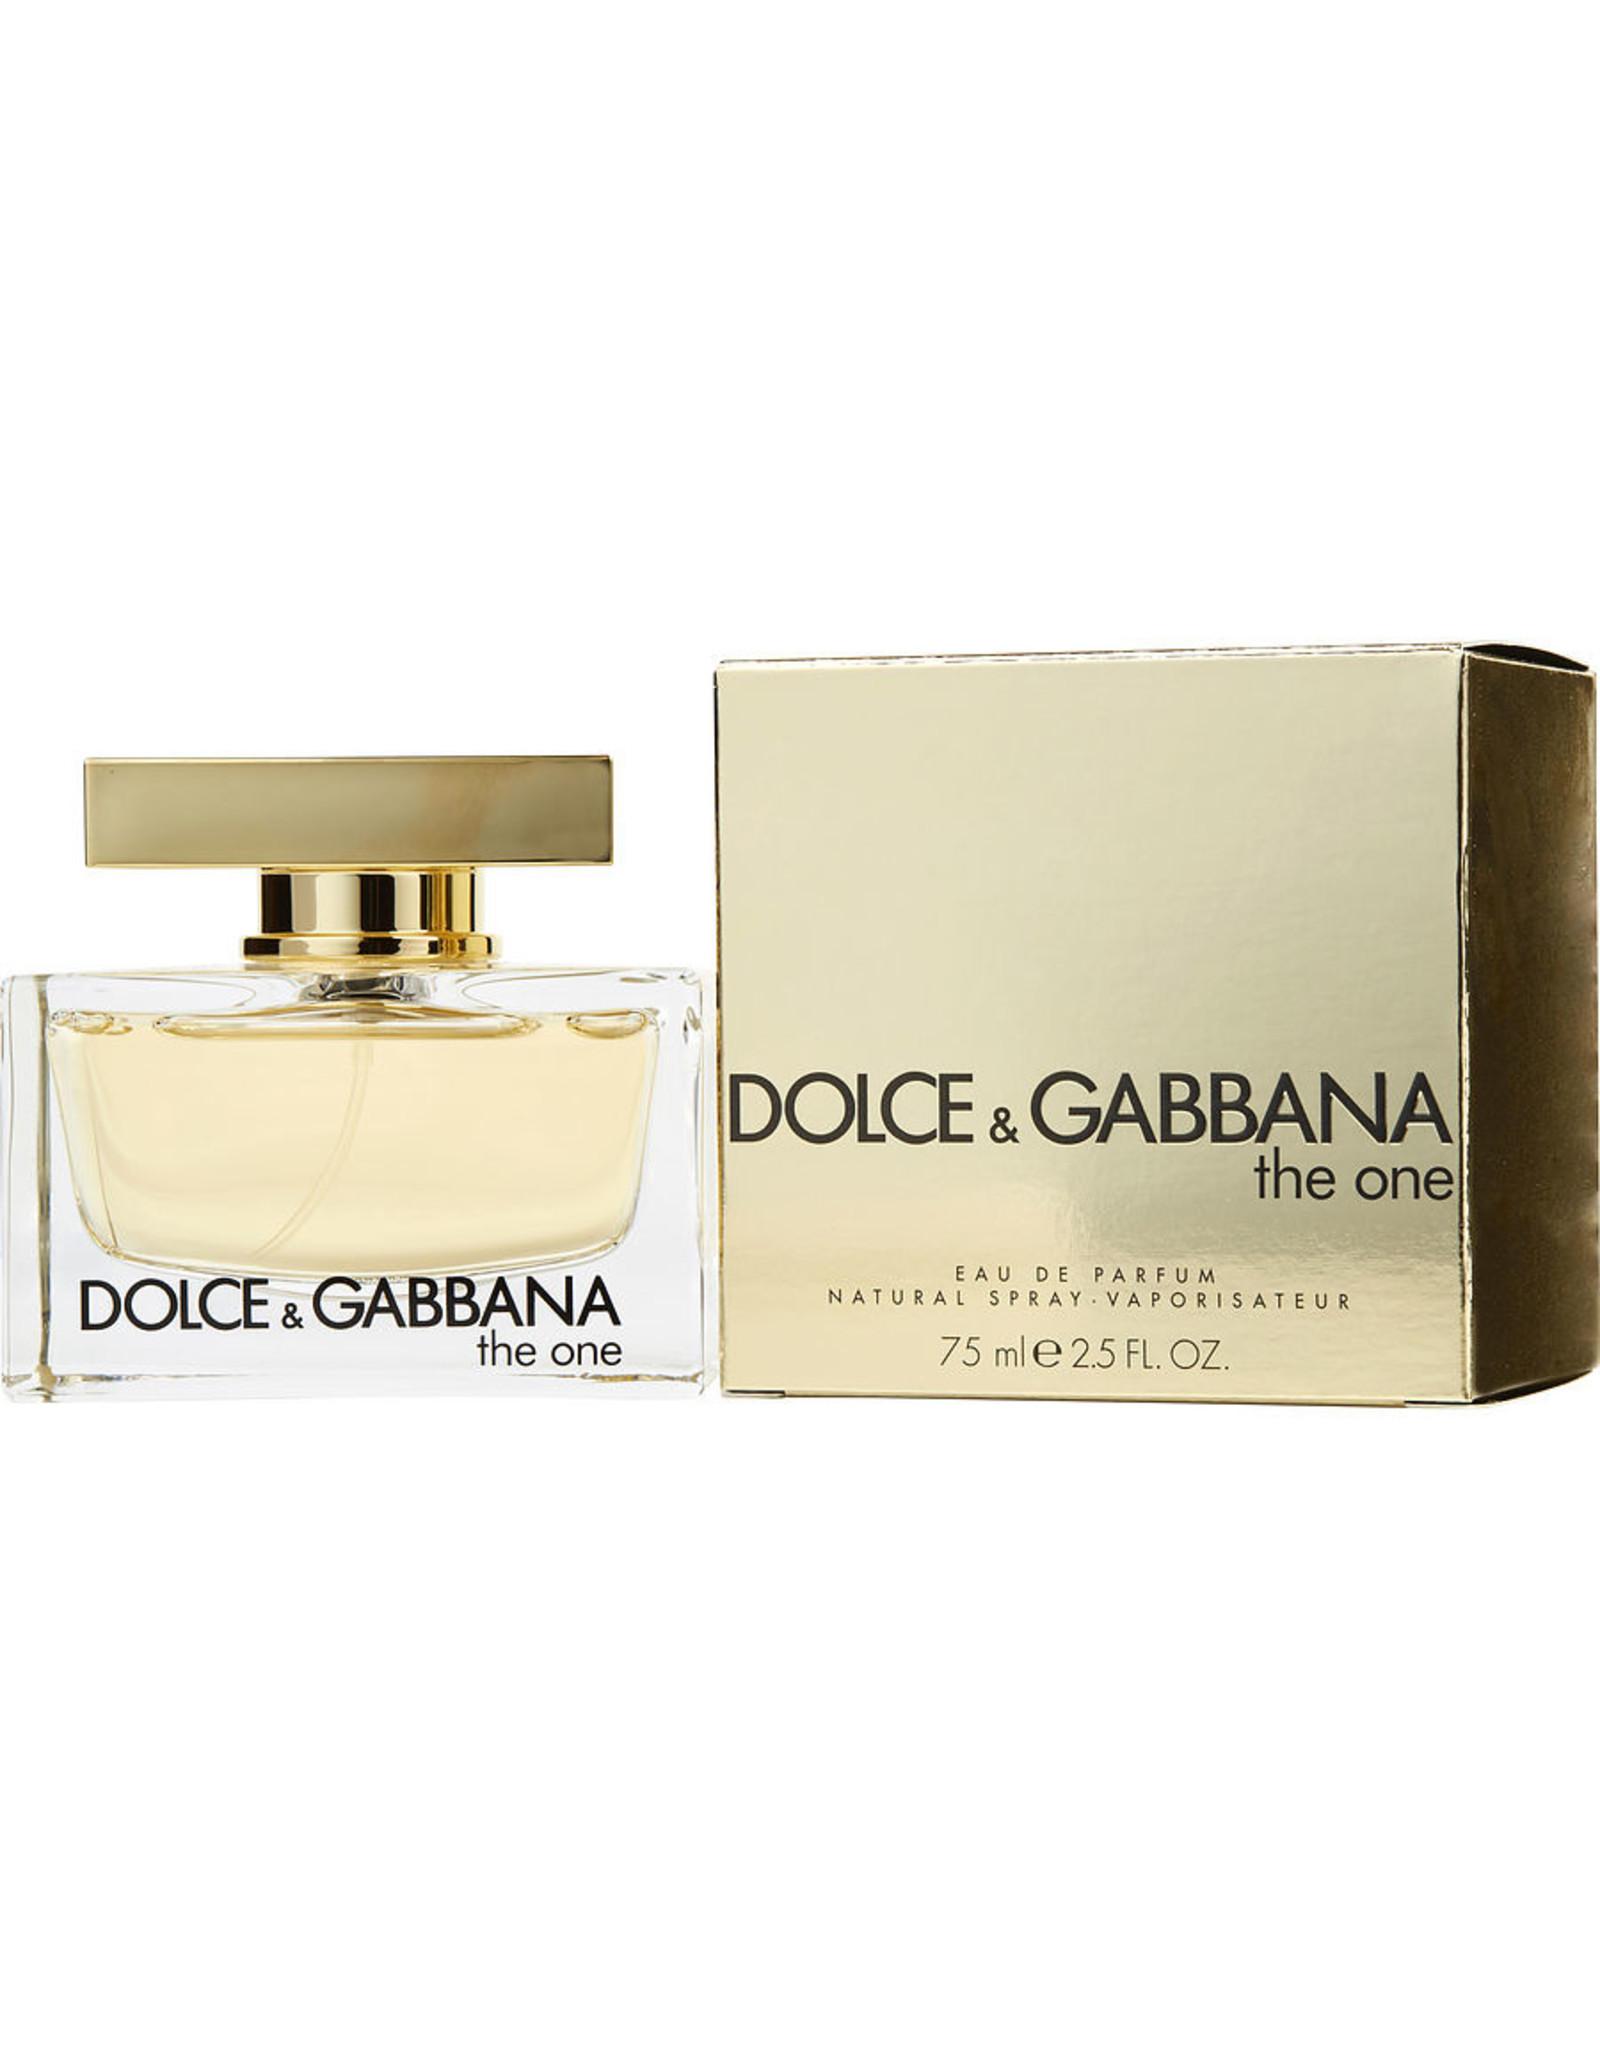 DOLCE & GABBANA DOLCE & GABBANA THE ONE (Femme)